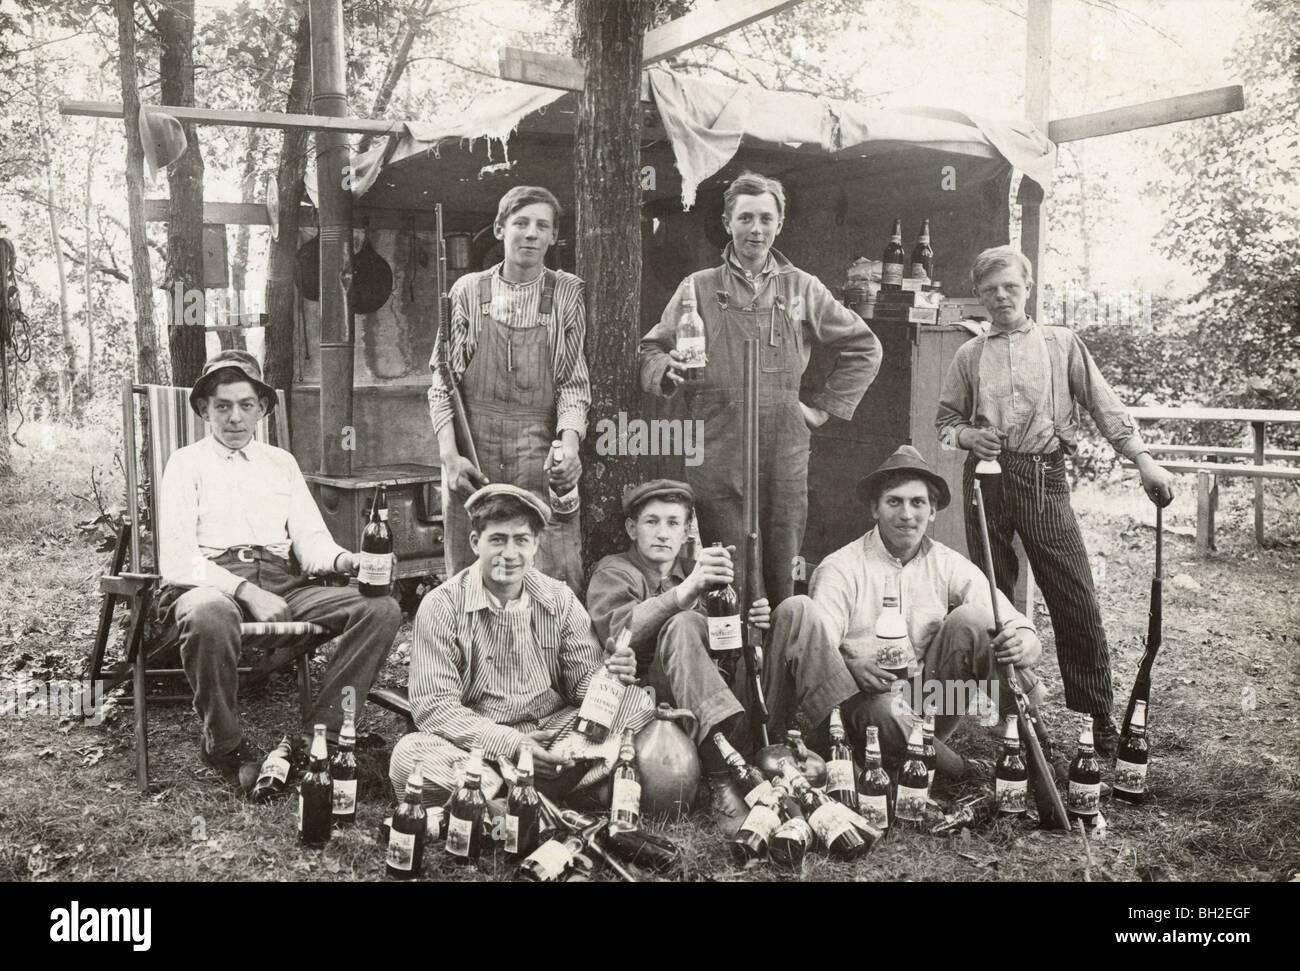 Seven Armed Boys Surrounded by Dozens of Liquor Bottles - Stock Image